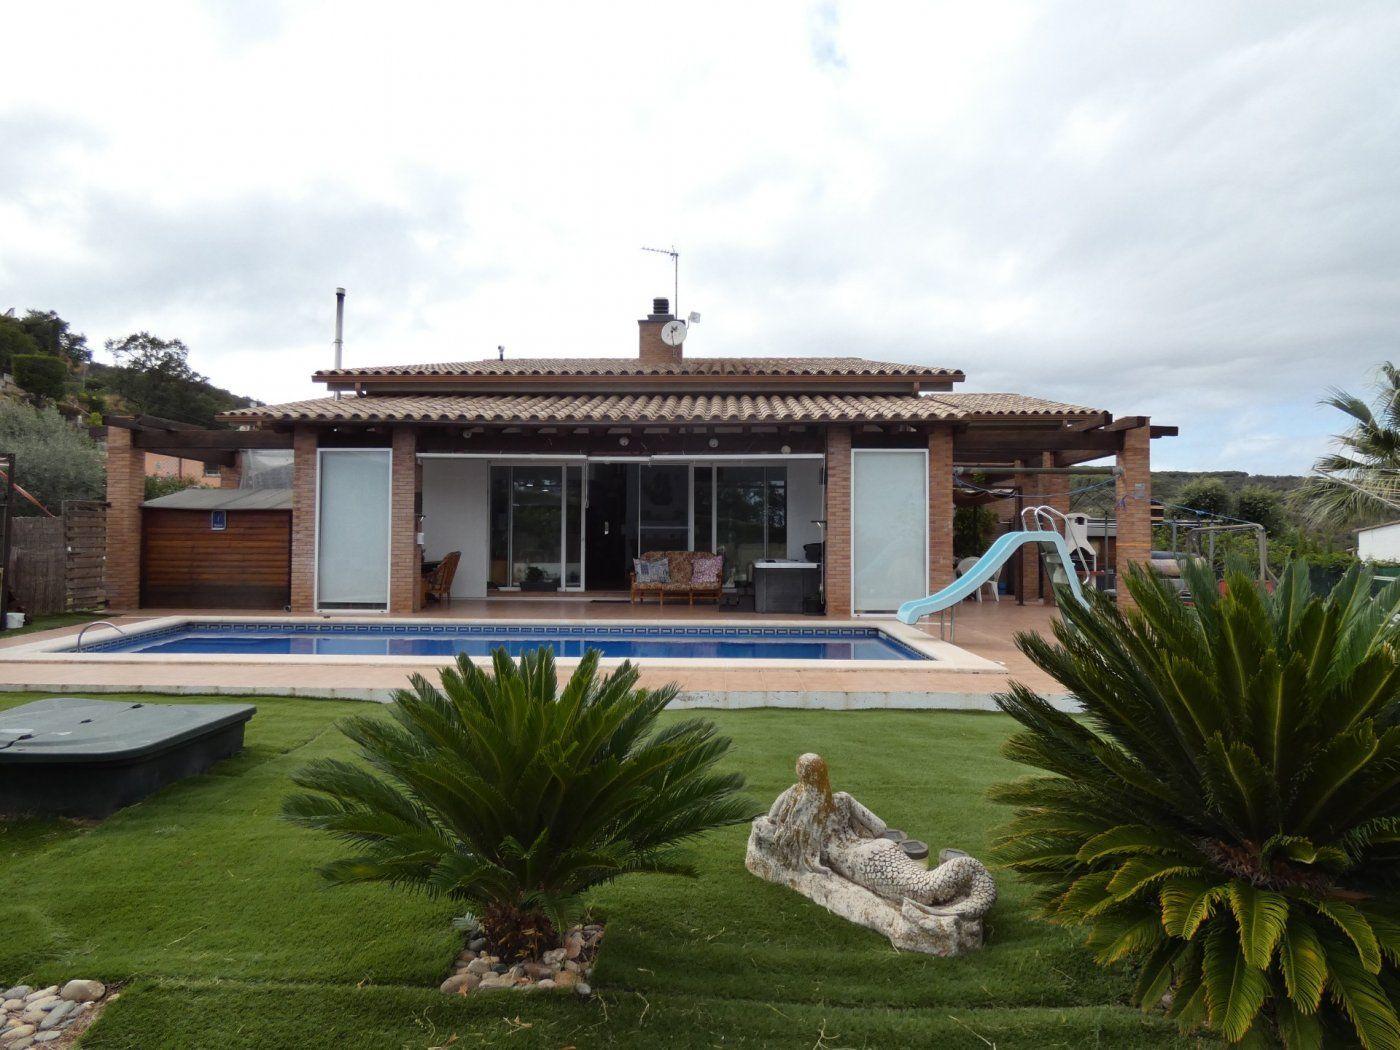 Lloguer Casa  Calonge ,calonge - cabanyes. Calonge: villa de lujo de 400 m2 sobre parcela llana de 1.500 m2